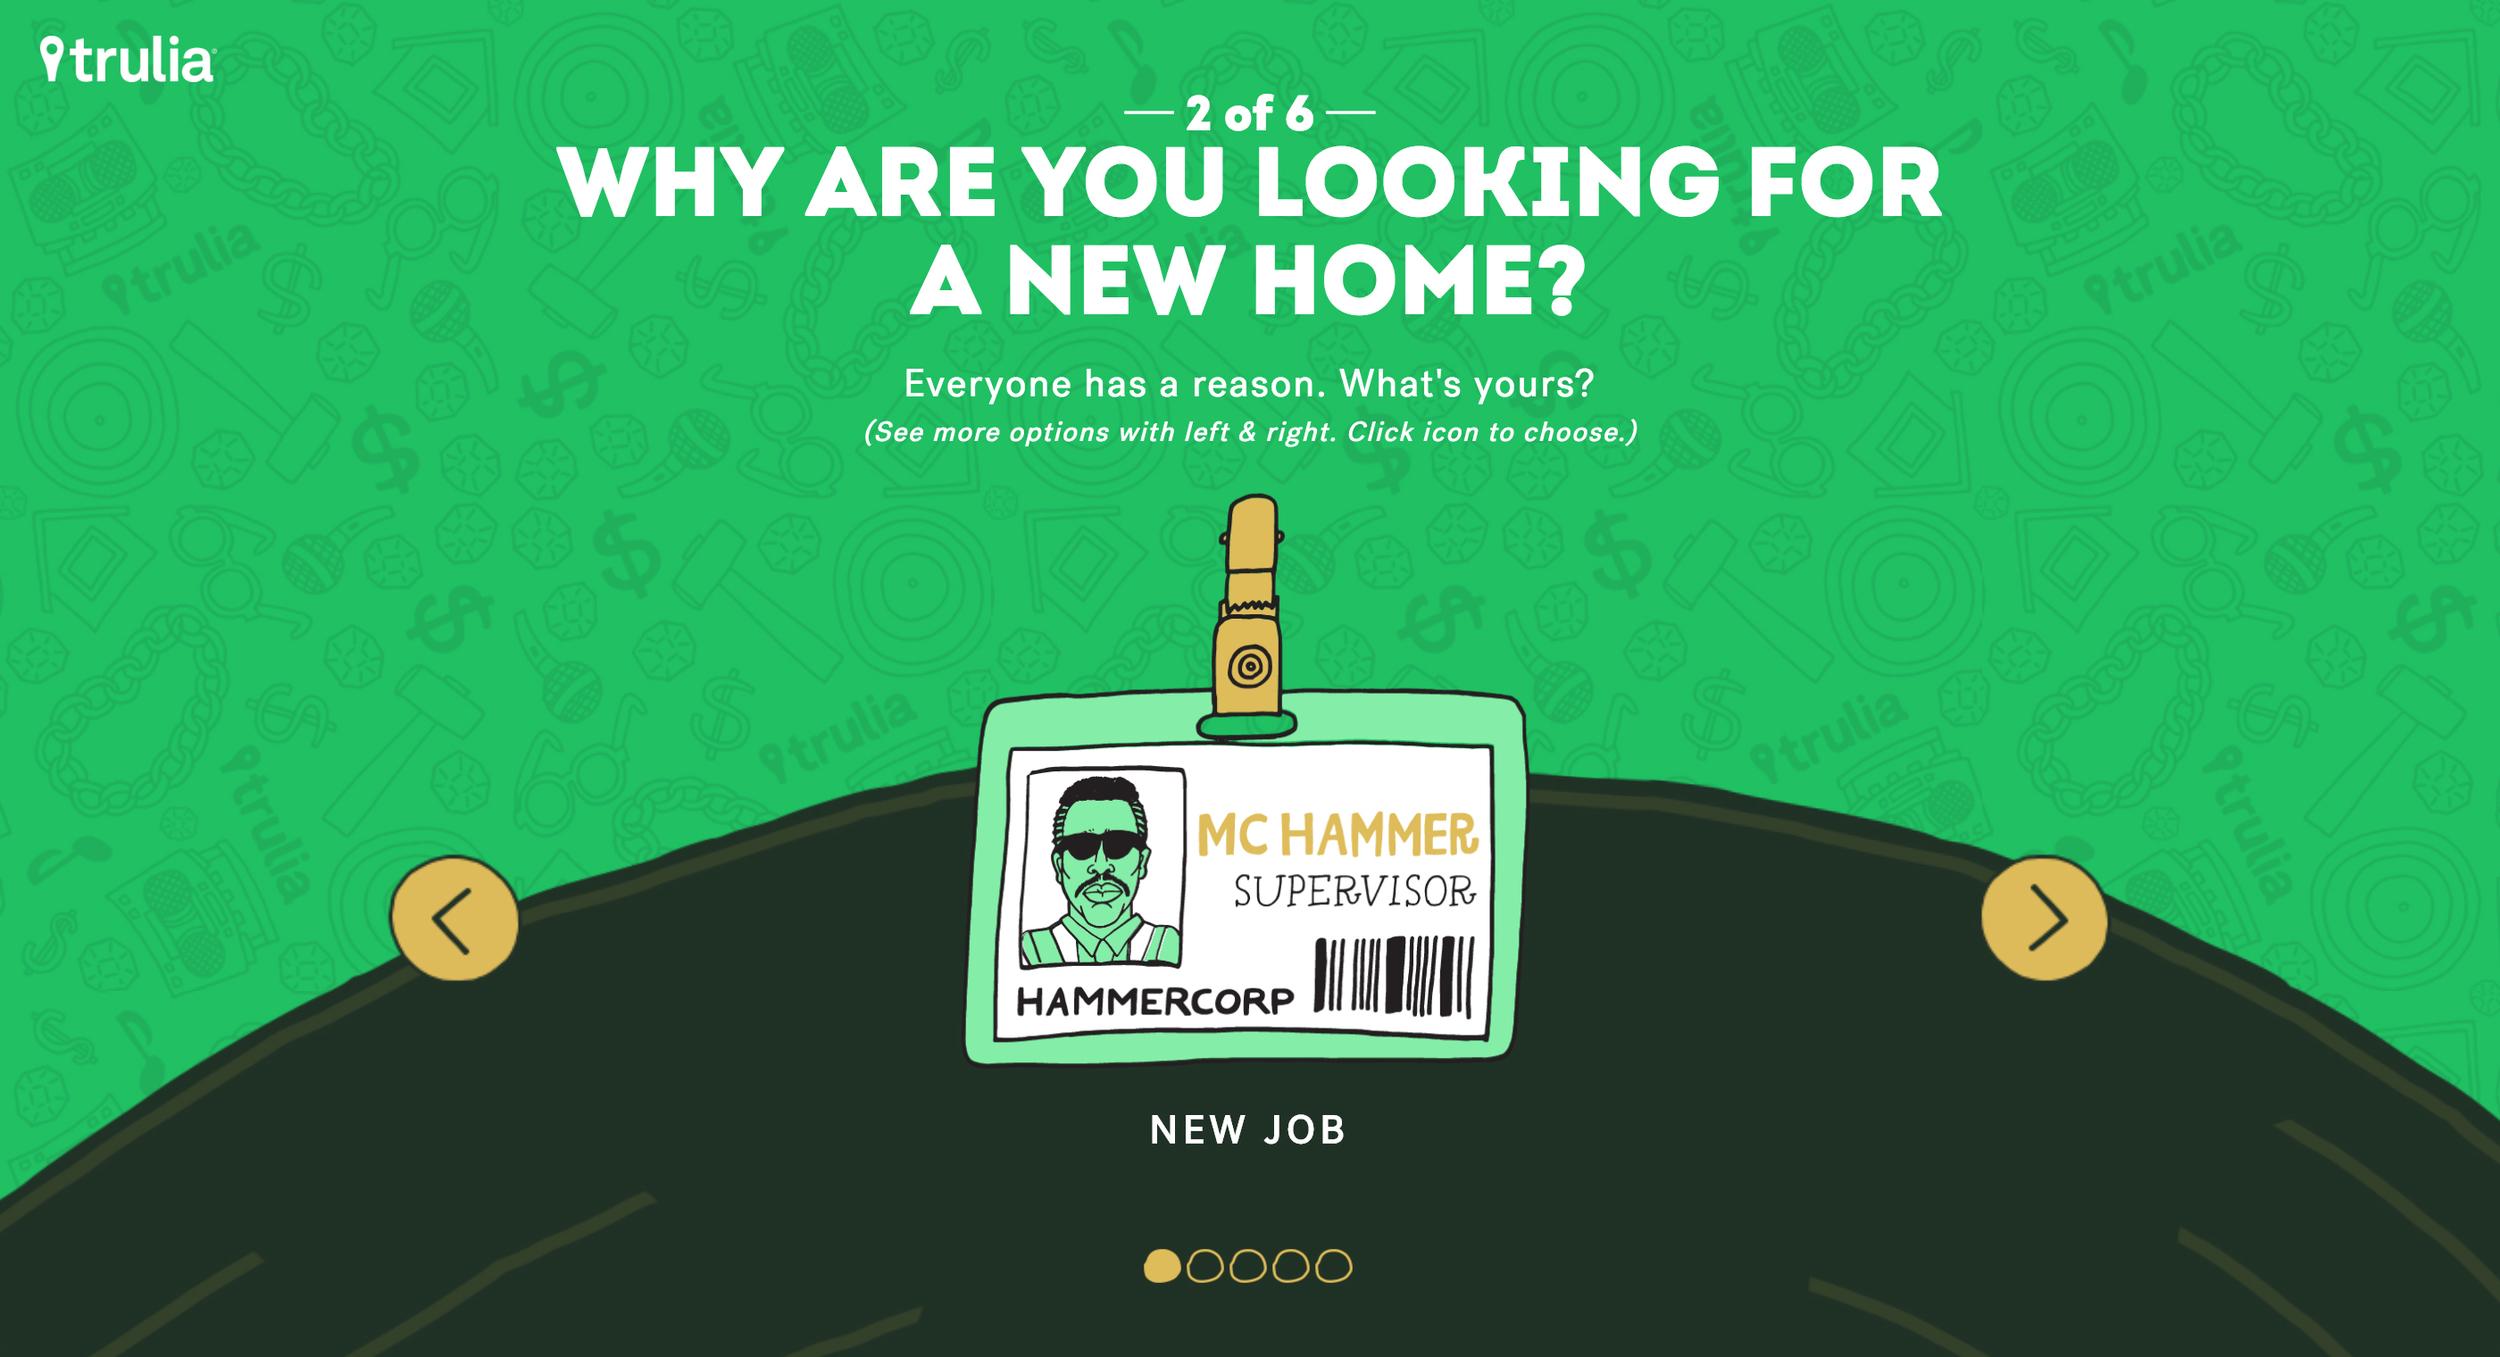 Hammerfy_Microsite_Images_0003_New_Job.jpg